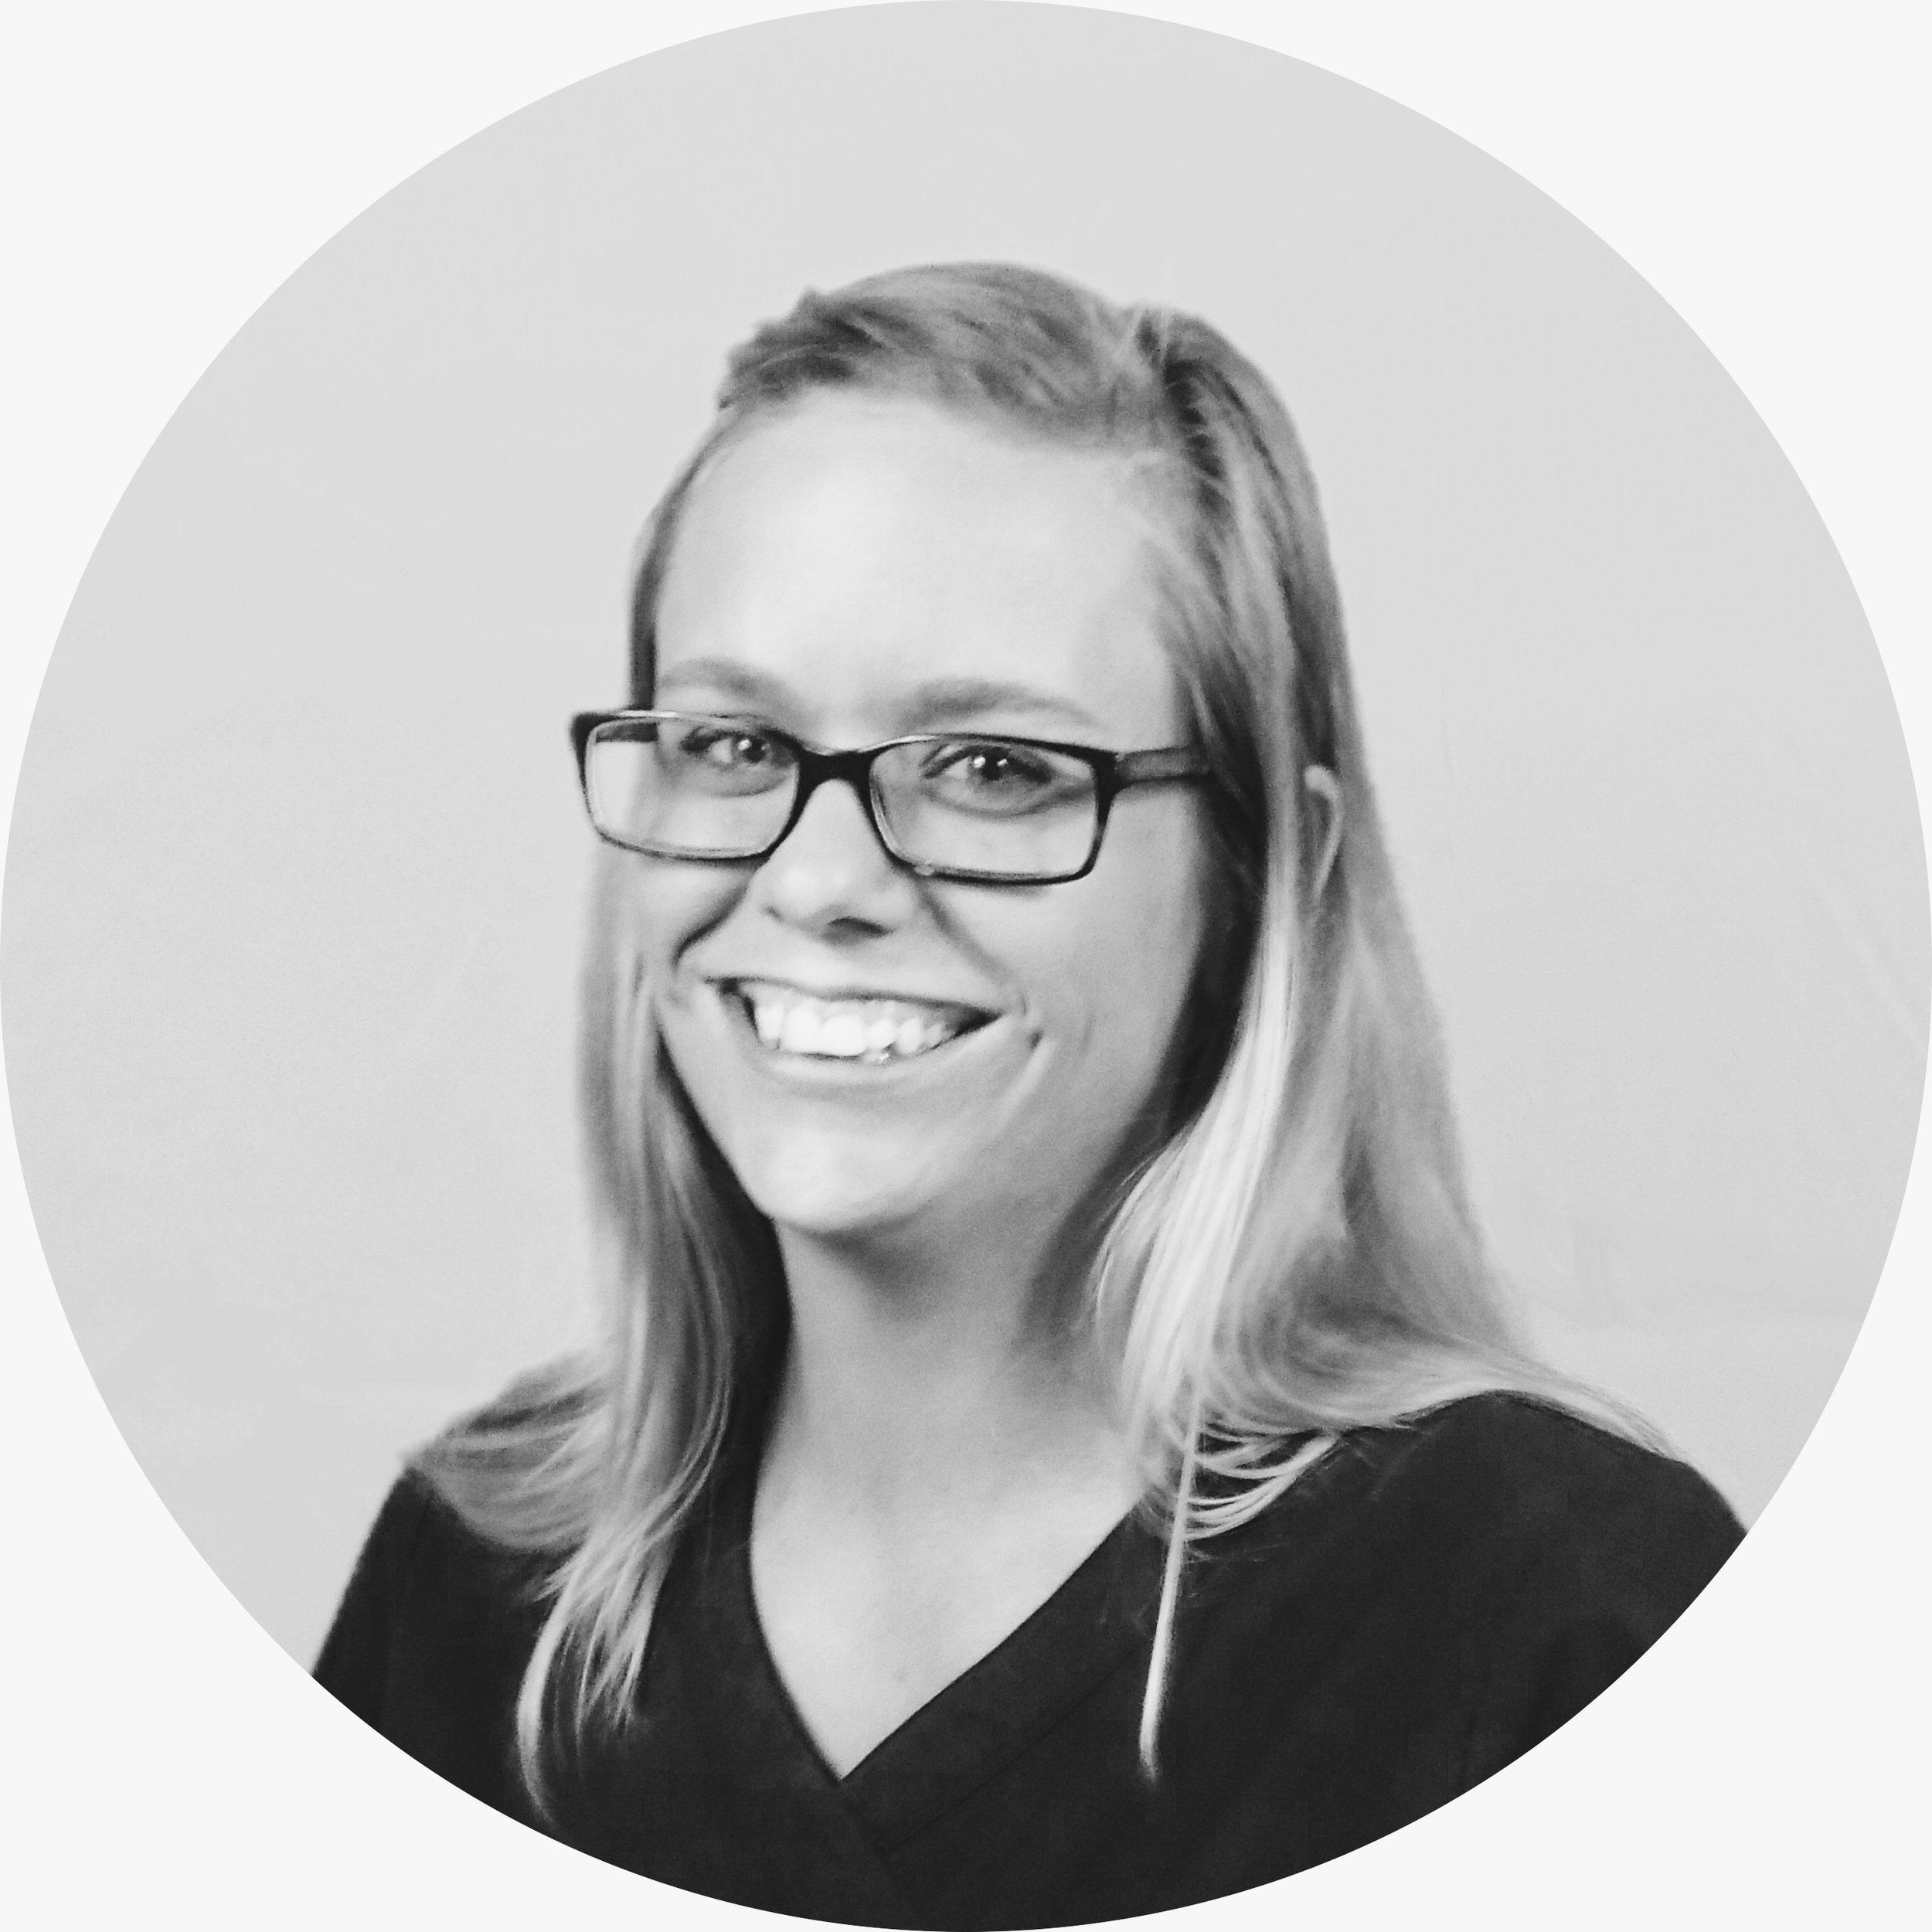 Dentist Patient Support Team - Kristina.JPG